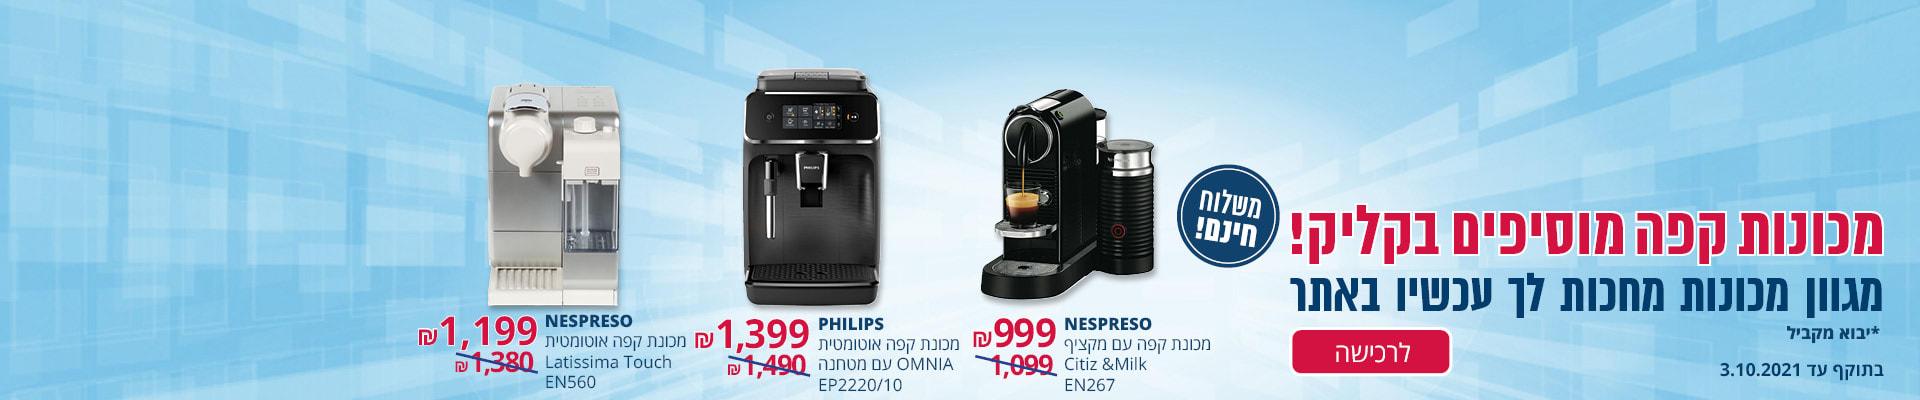 גם מכונת קפה ? כן!מכונת קפה NESPRESSO עם מקציף Citiz &Milk EN267 יבוא מקביל, מכונת קפה PHILIPS אוטומטית עם מטחנה OMNIA, מכונת קפה Nespresso אוטומטית Latissima Touch, יבוא מקביל. משלוח חינם תוקף-3.10.21